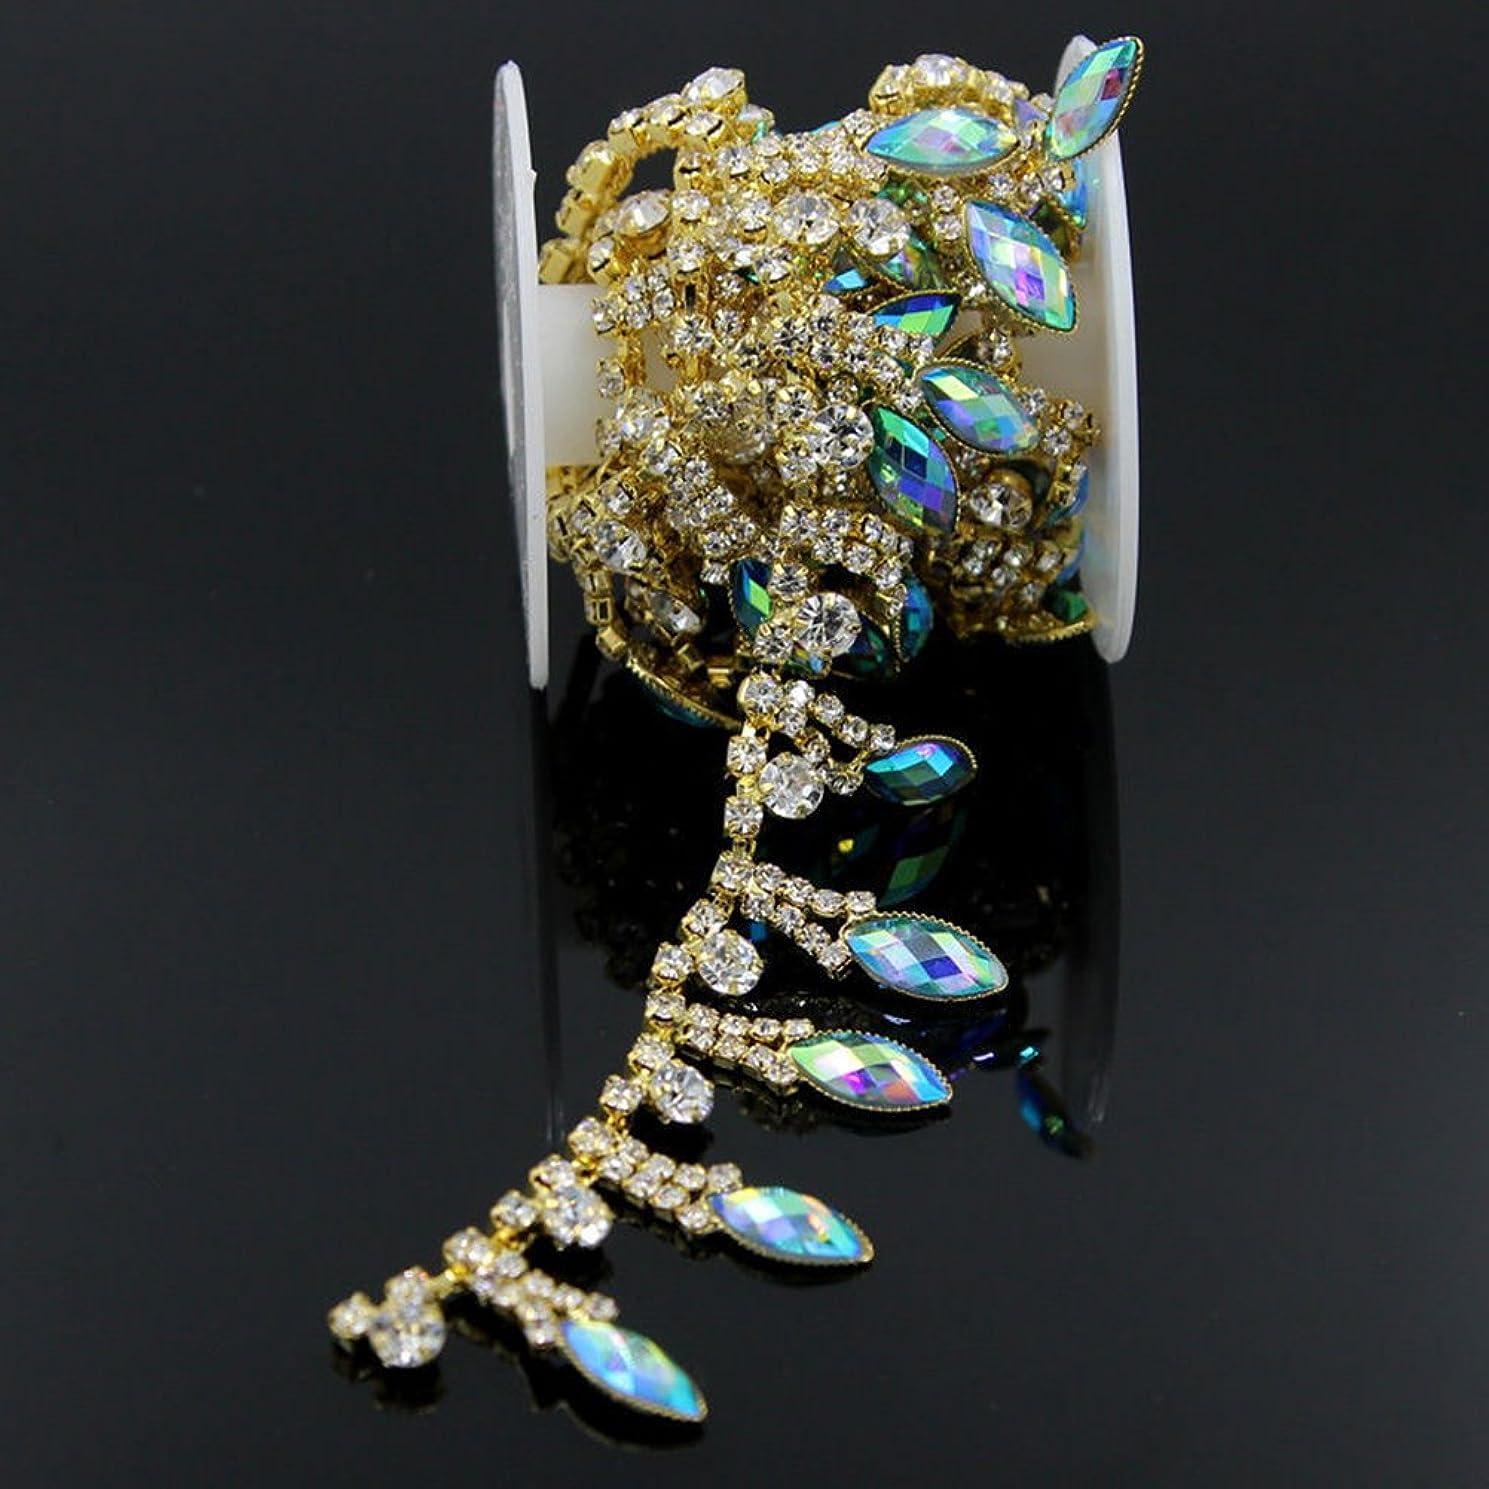 De.De. 1 Yard AB Resin Crystal Clear Glass Rhinestone Bridal Trim Fashion Chain Blue